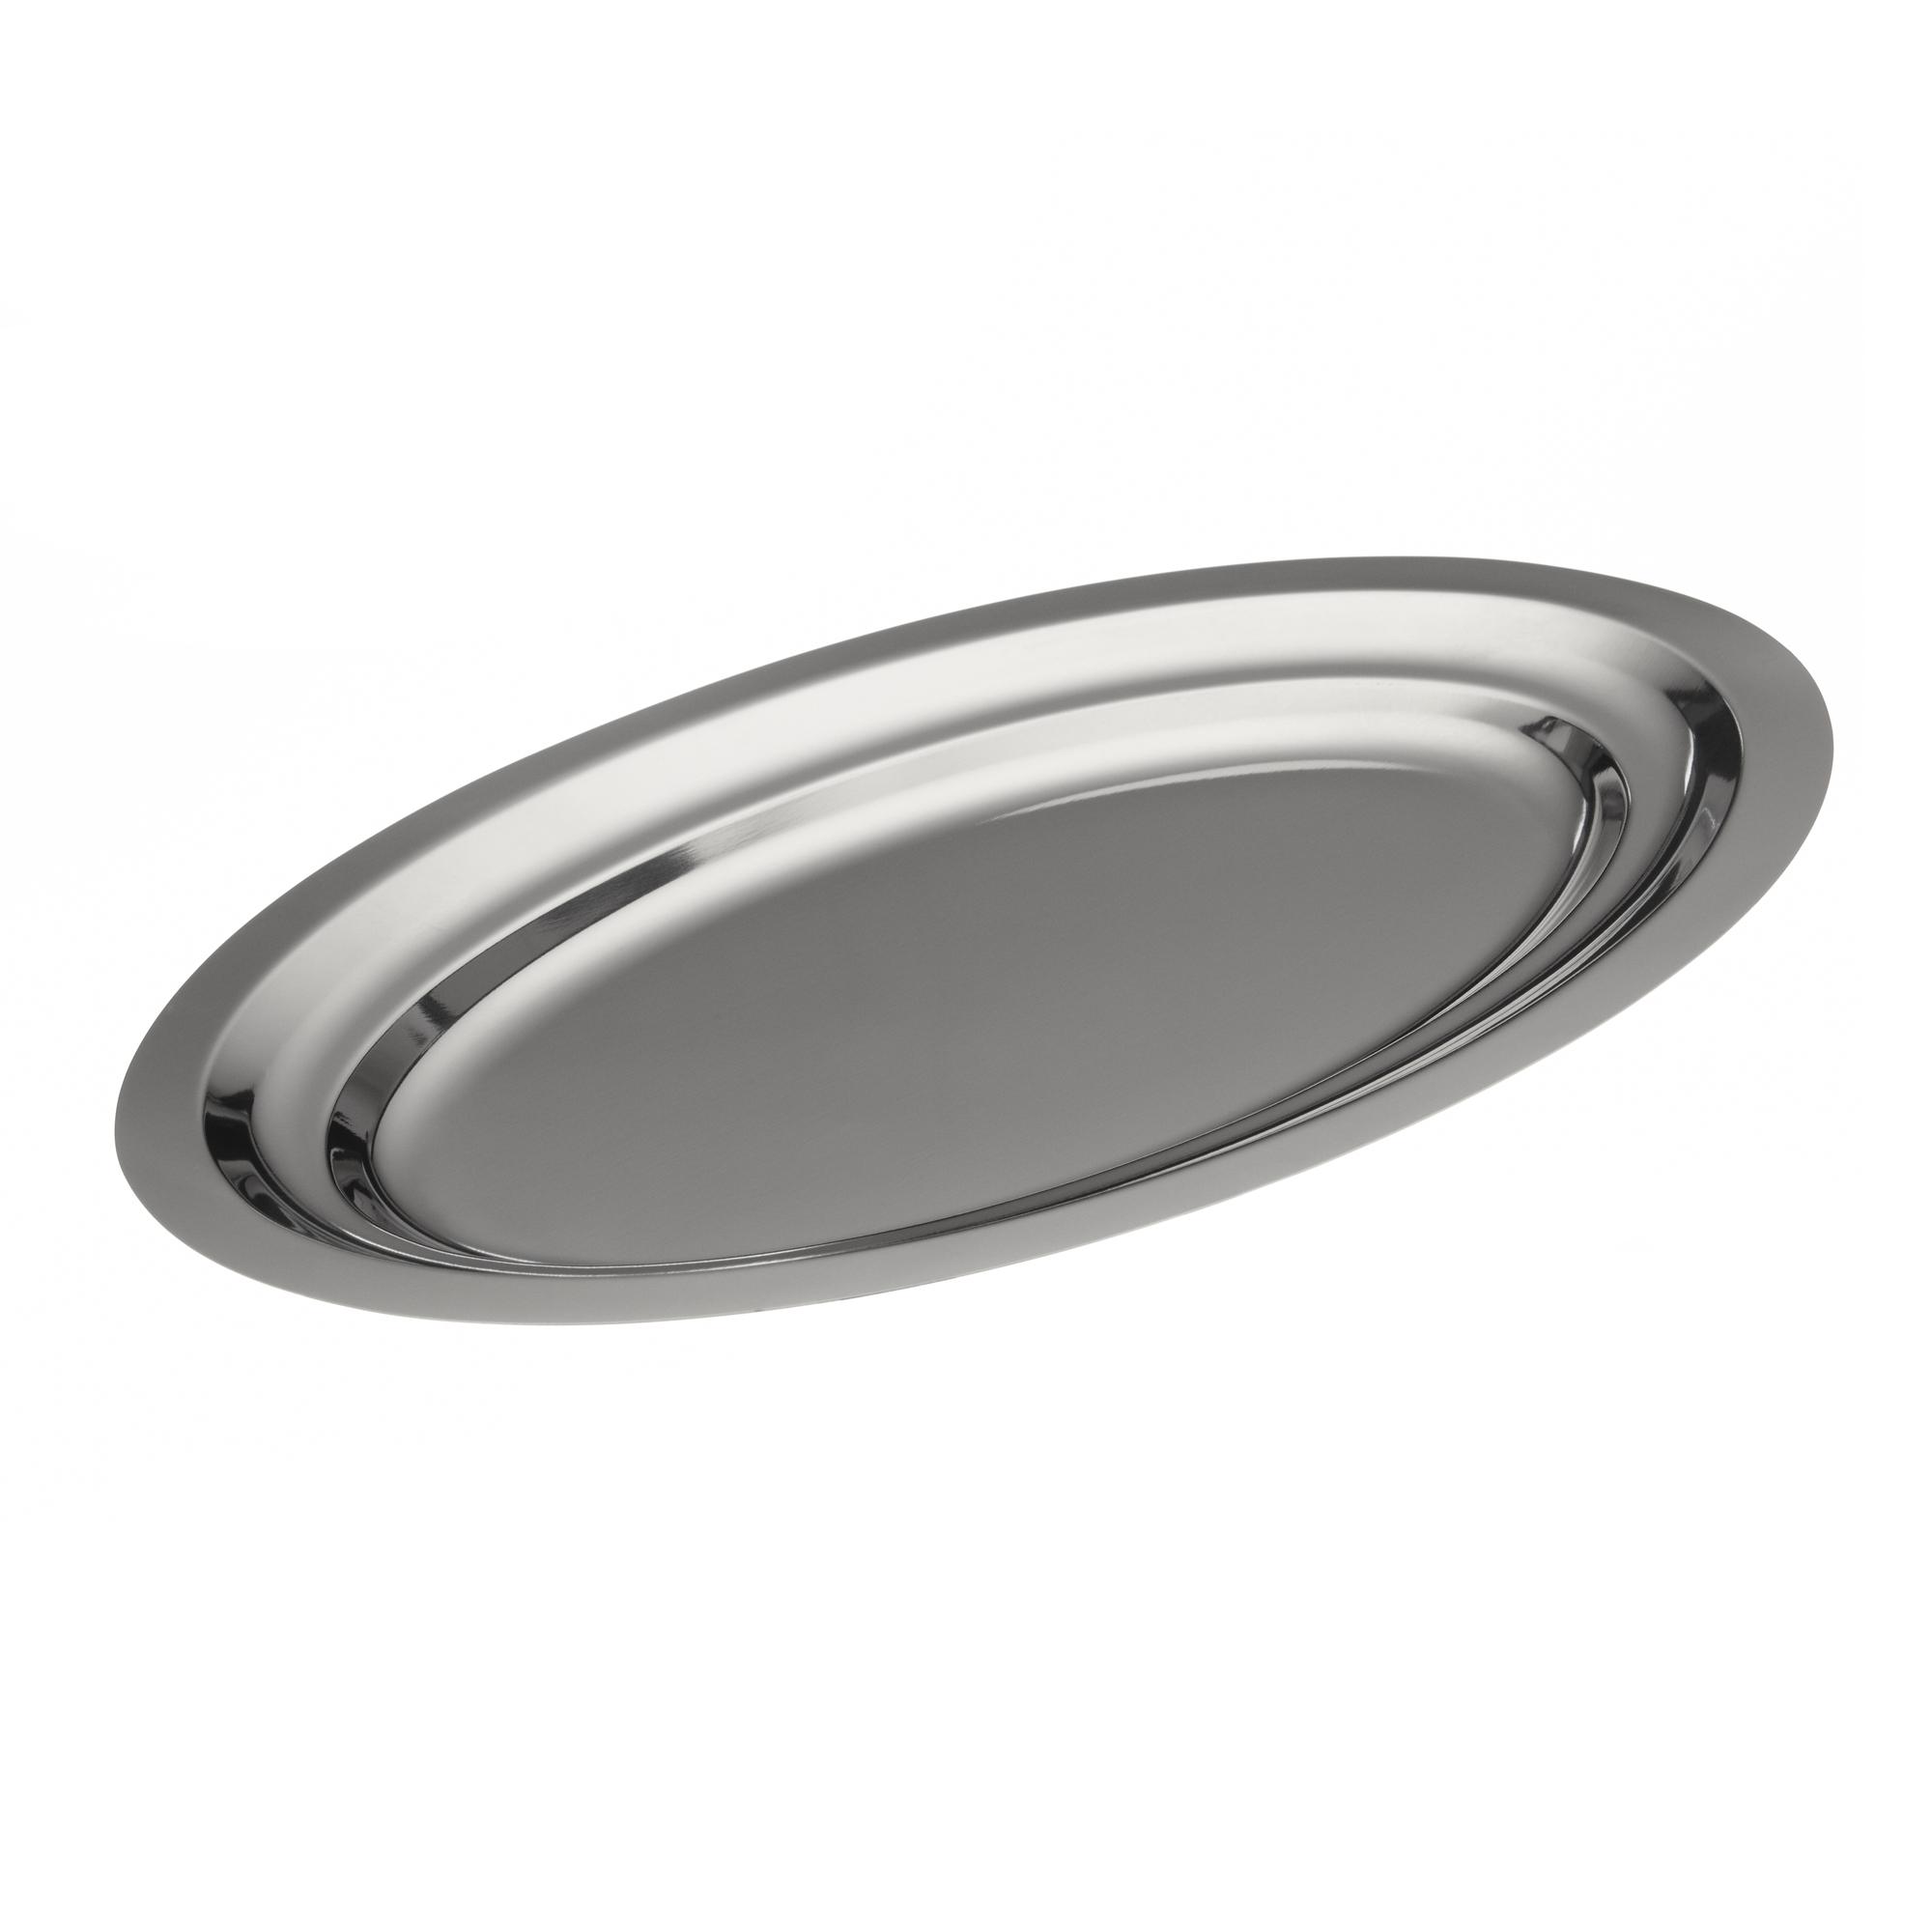 plat ovale en inox 18 longueur 280 mm mjpro